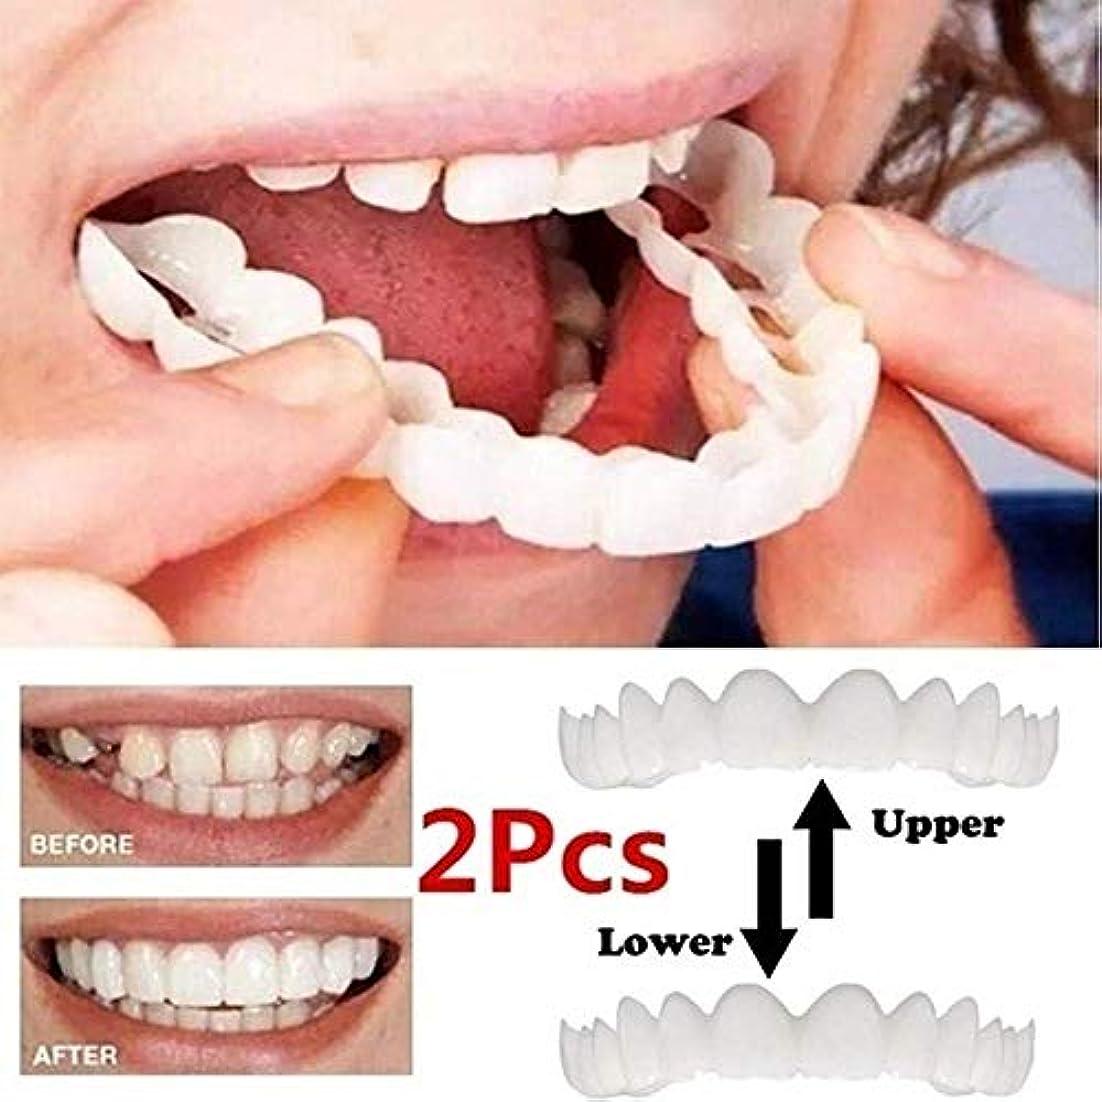 立場解決言及する2ピース上下義歯インスタントスマイルコンフォートフレックス化粧品歯義歯1つのサイズにフィット最も快適な義歯ケア